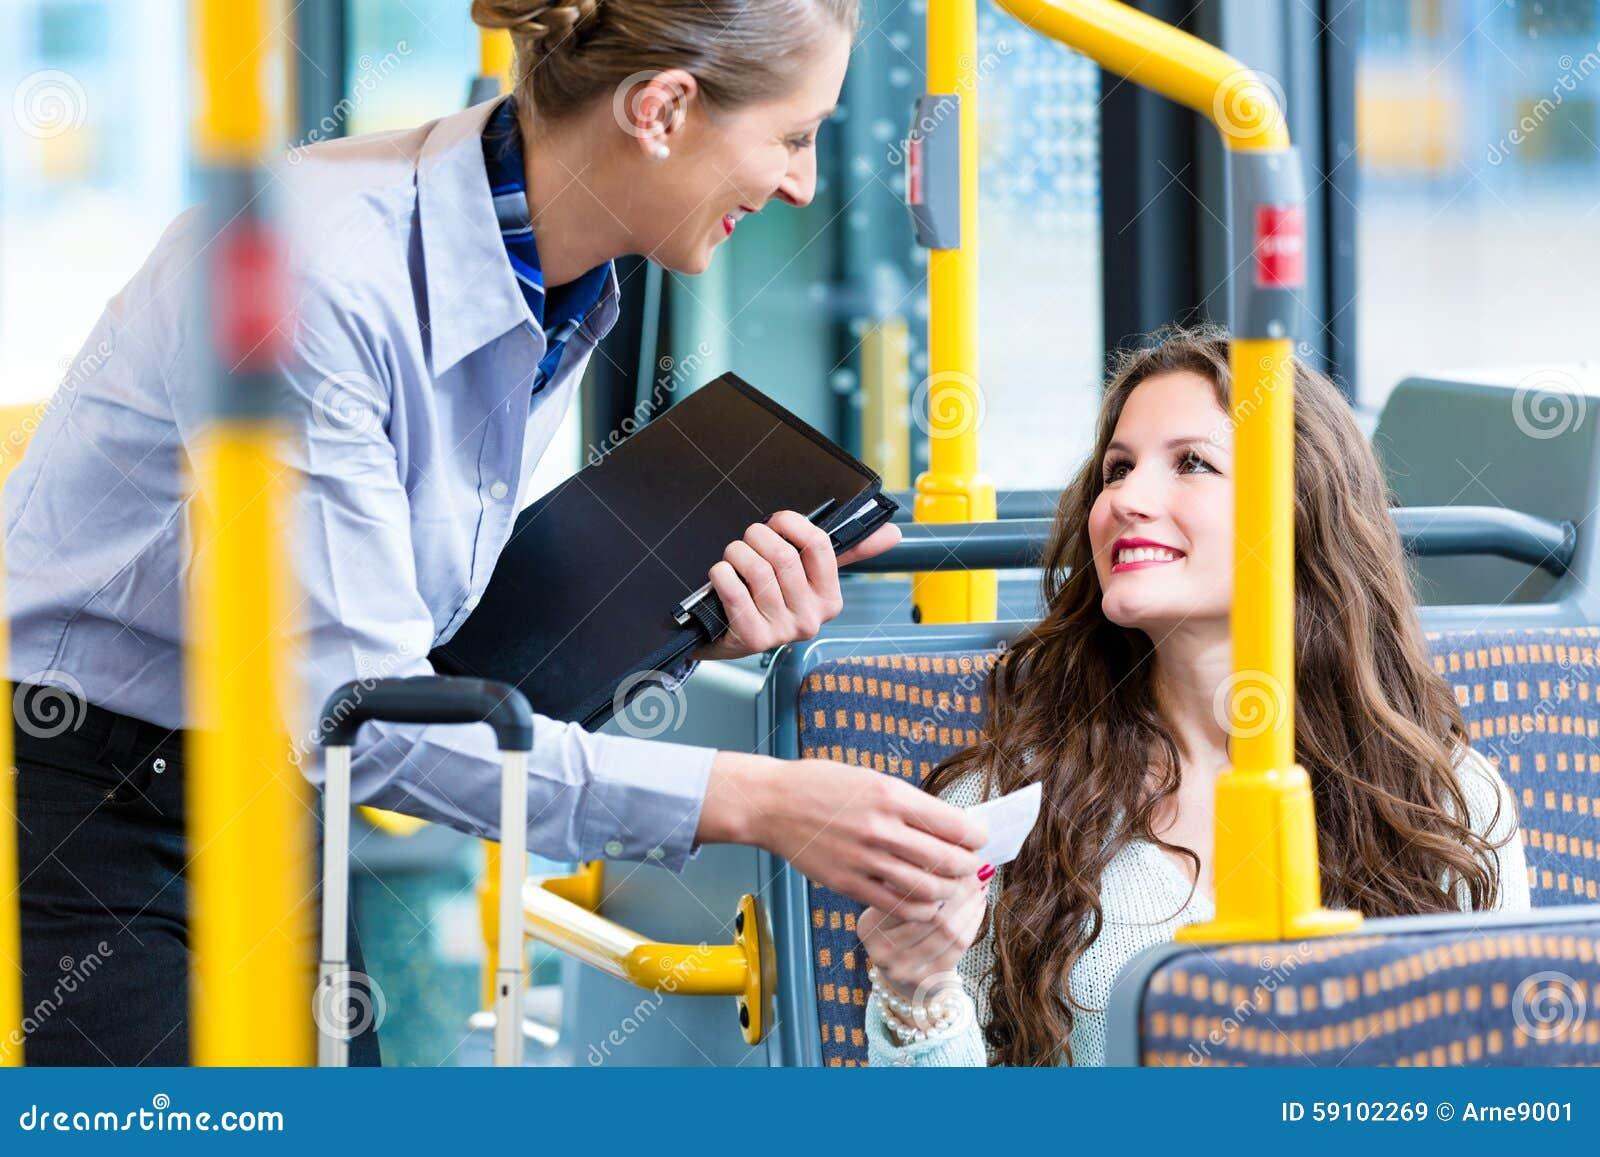 妇女在公共汽车上有合法的票在检查